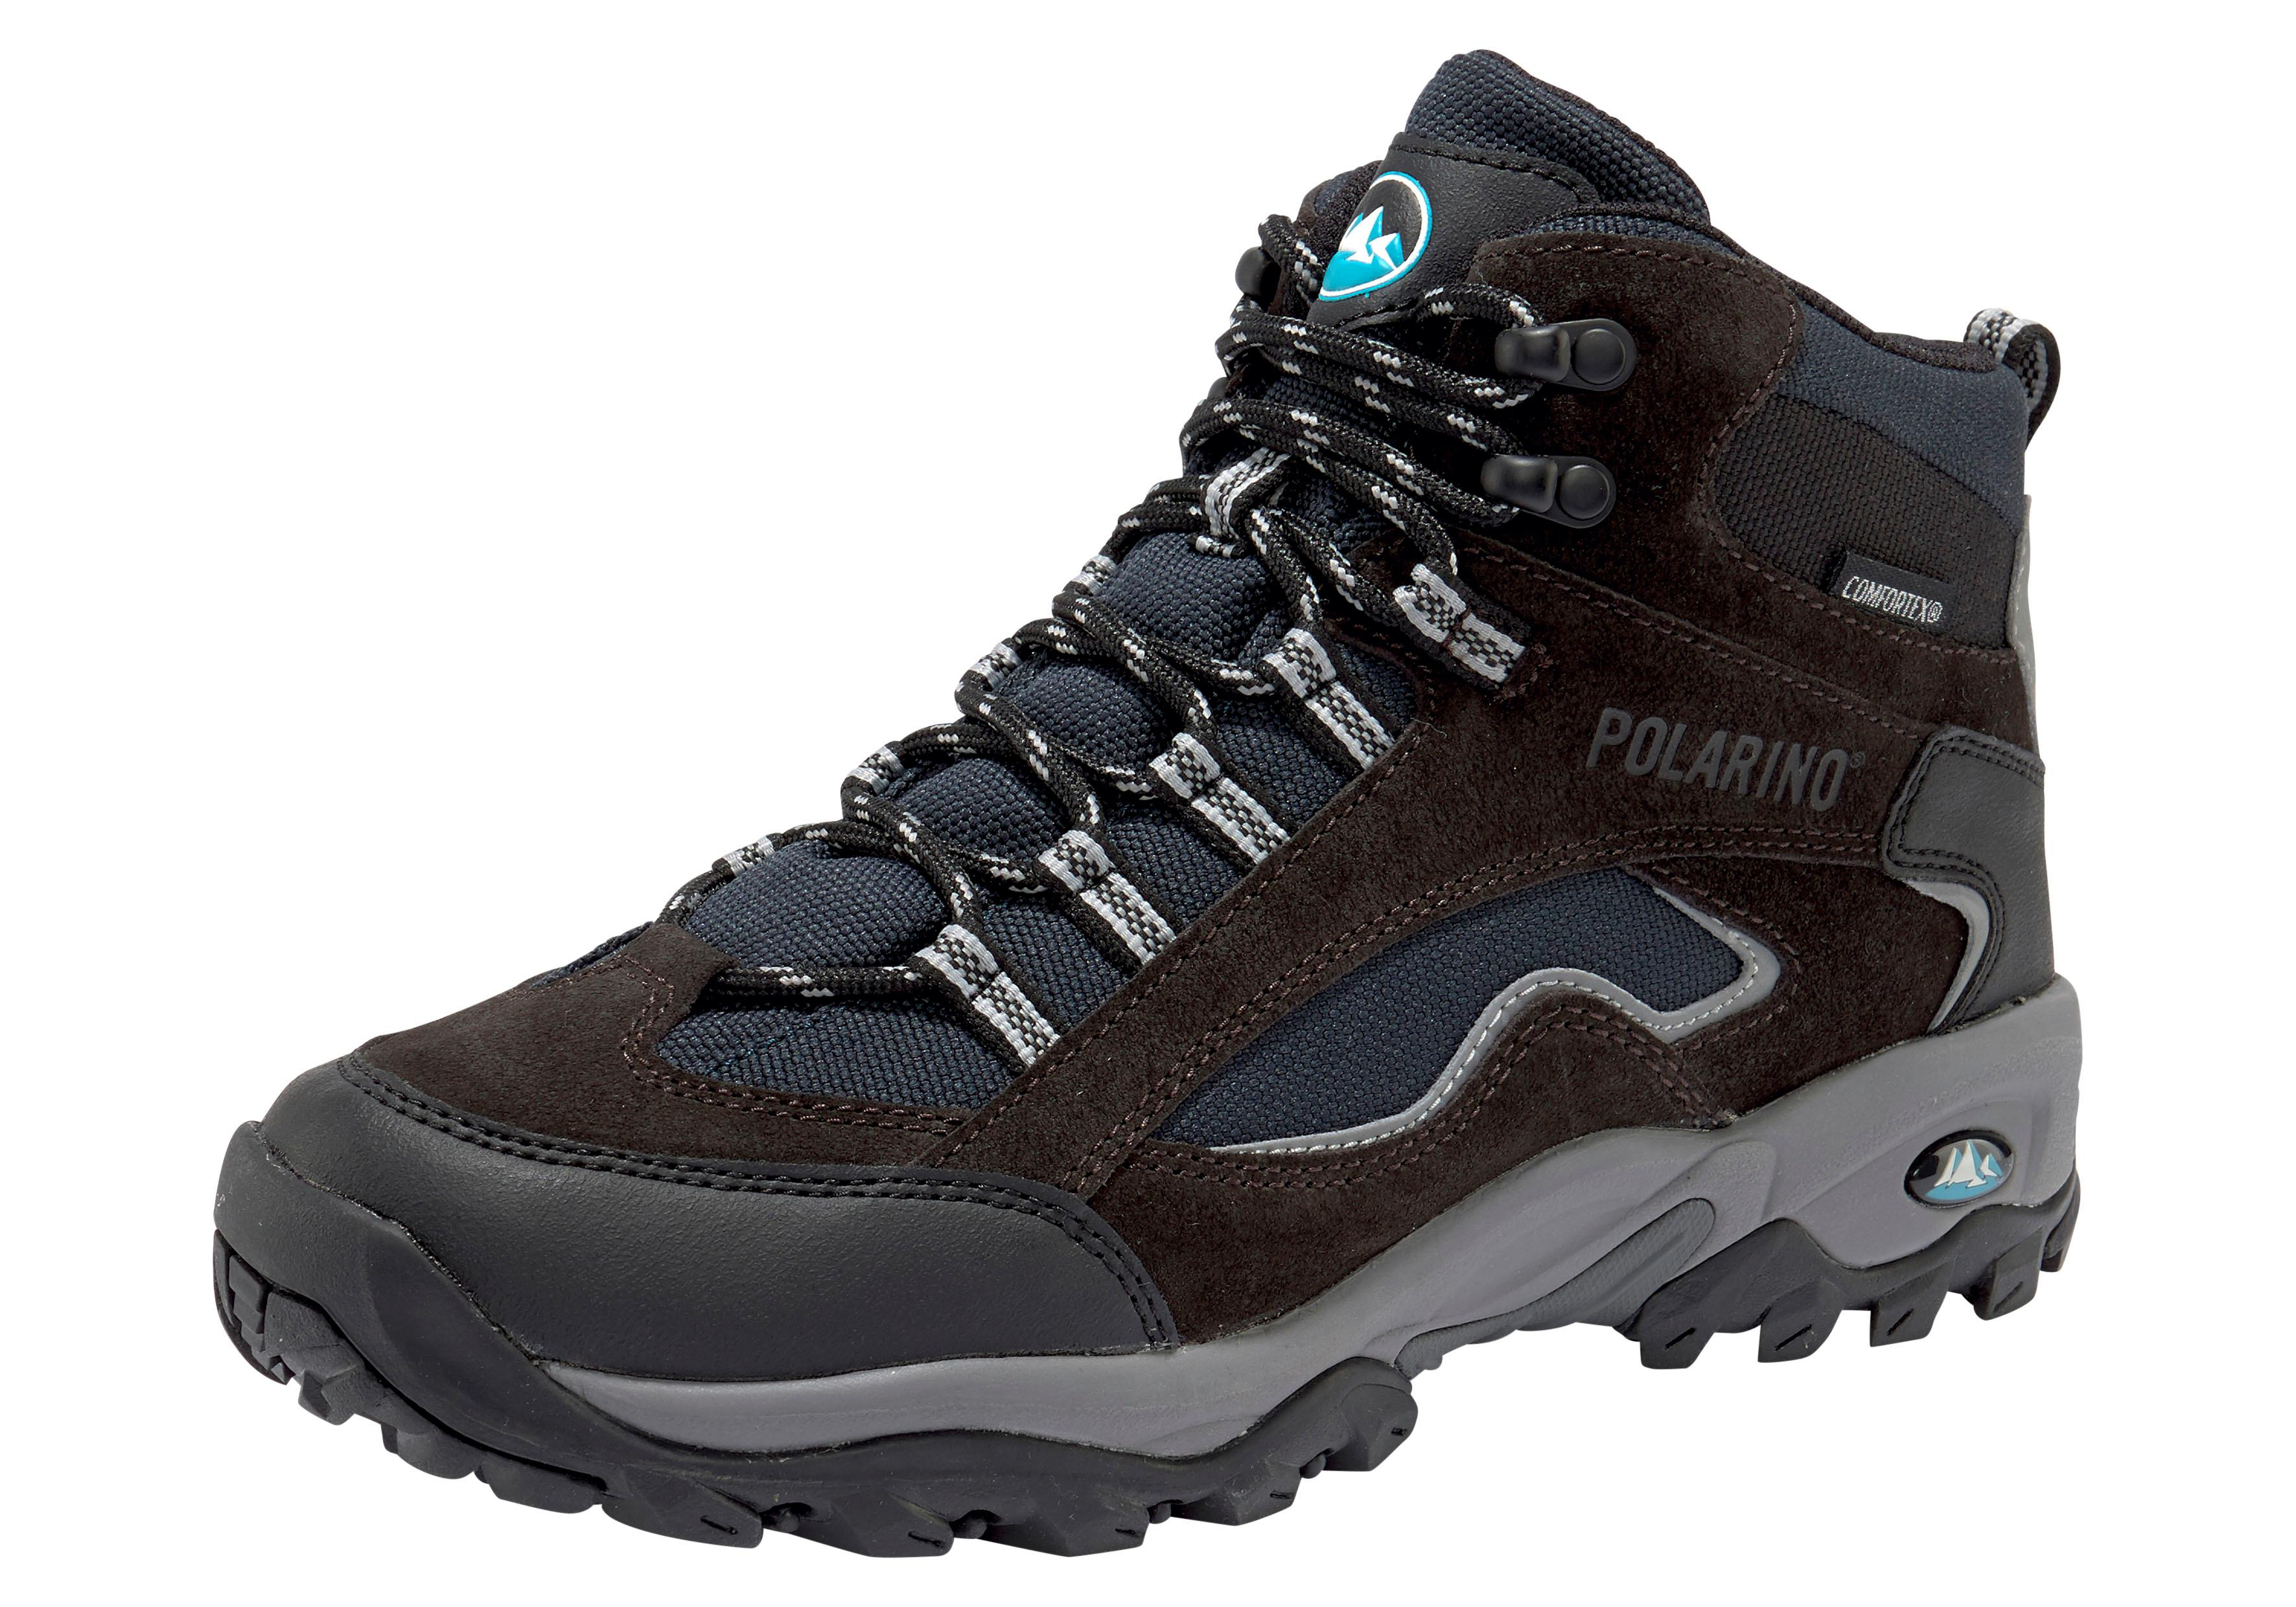 Polarino Outdoorschuh Visionary High Cut Technik & Freizeit Damen Outdoor-Schuhe Outdoor-Schuhe Outdoor-Schuhe eb1b9a